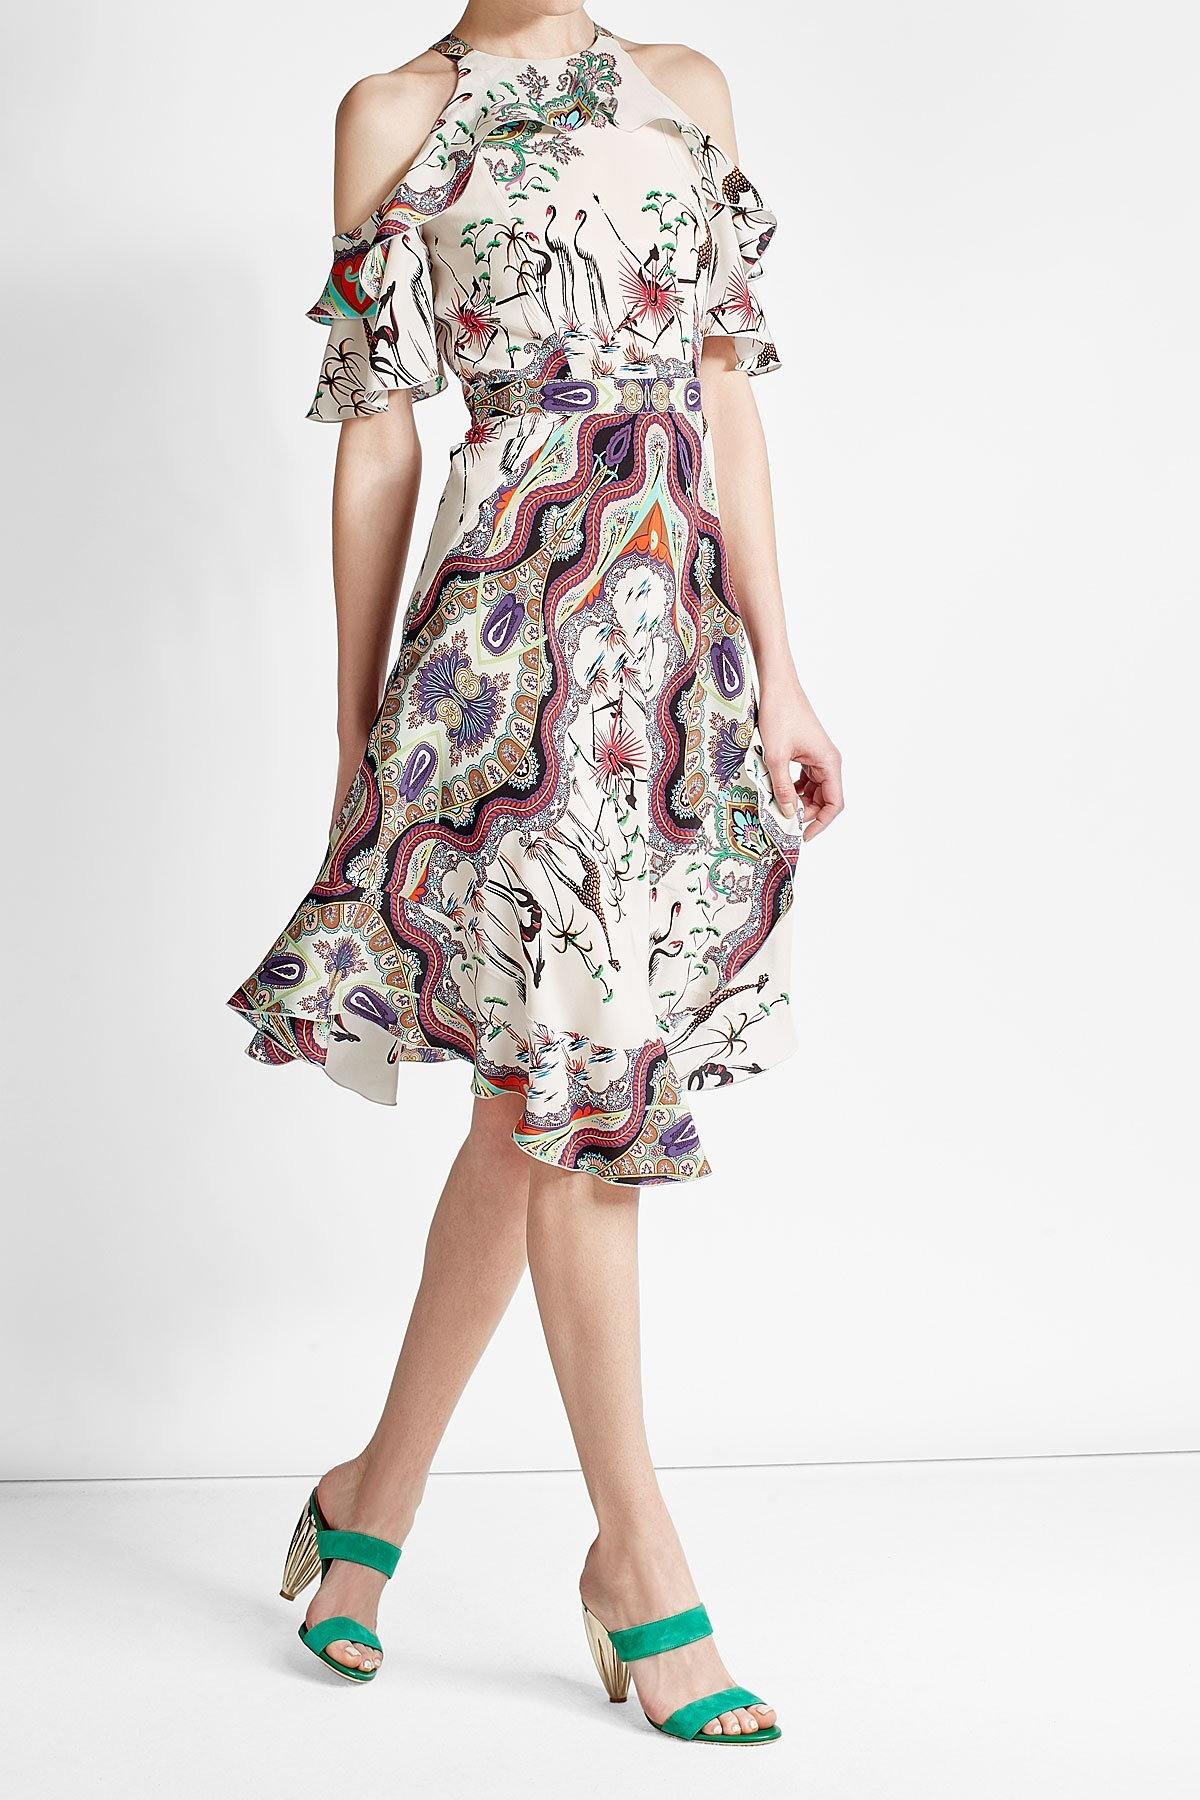 20 Fantastisch Online Kleider Bester Preis17 Einfach Online Kleider Design